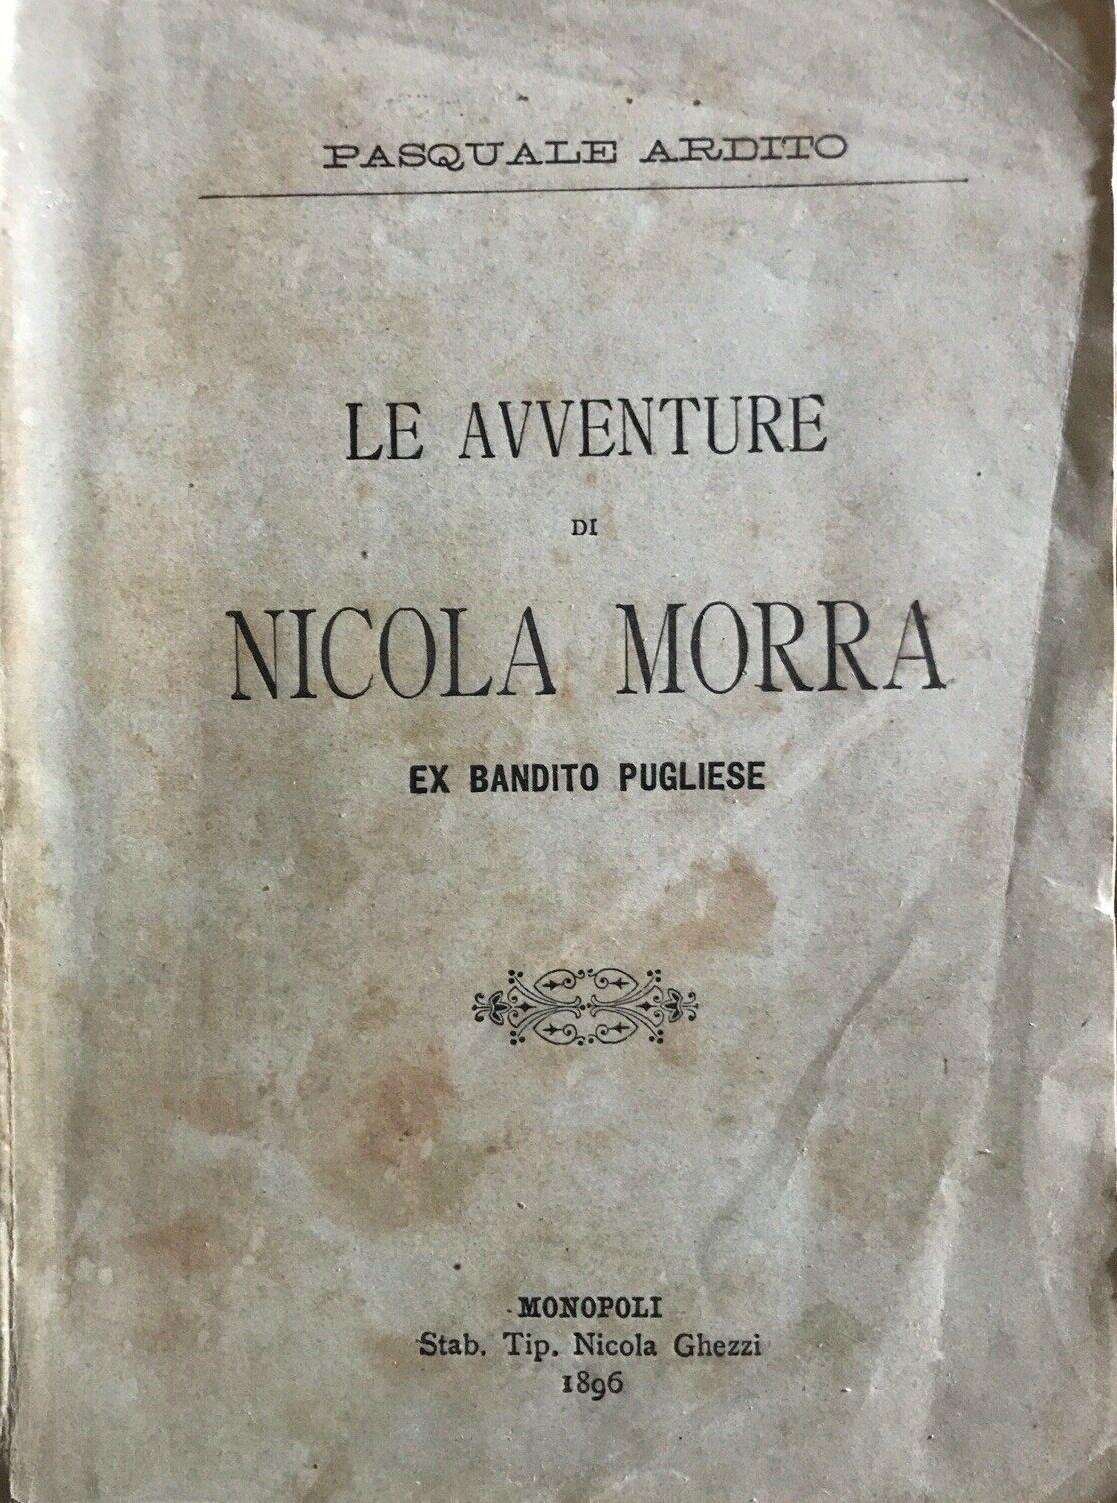 CERIGNOLA Ardito Pasquale LE AVVENTURE DI NICOLA MORRA EX BANDITO PUGLIESE 1896. Libro cult di Banditismo italiano in asta